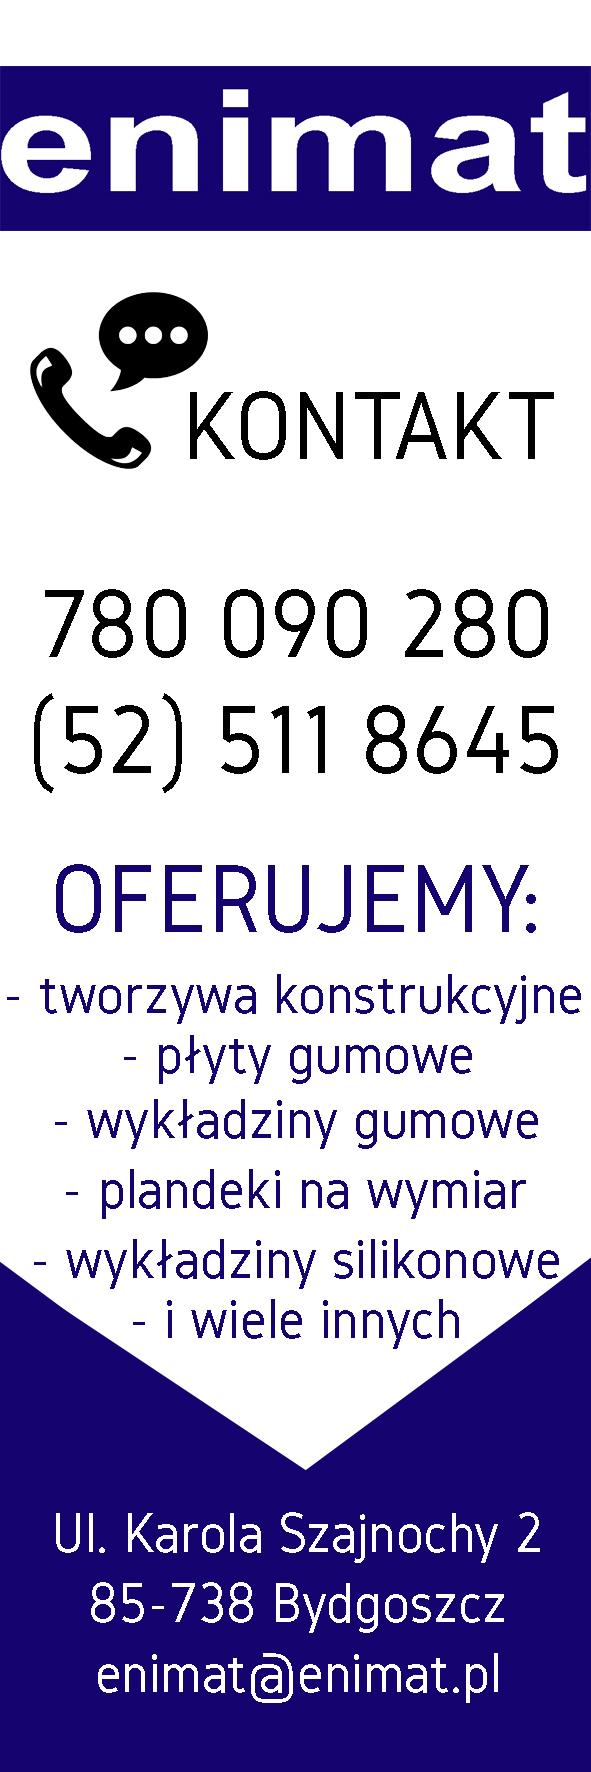 tel kom: 780 090 280, 663 515 767, Bydgoszcz: 52 510 80 89, Poznań 61 111 00 27, Katowice: 32 123 55 28, Gdańsk: 58 558 80 65